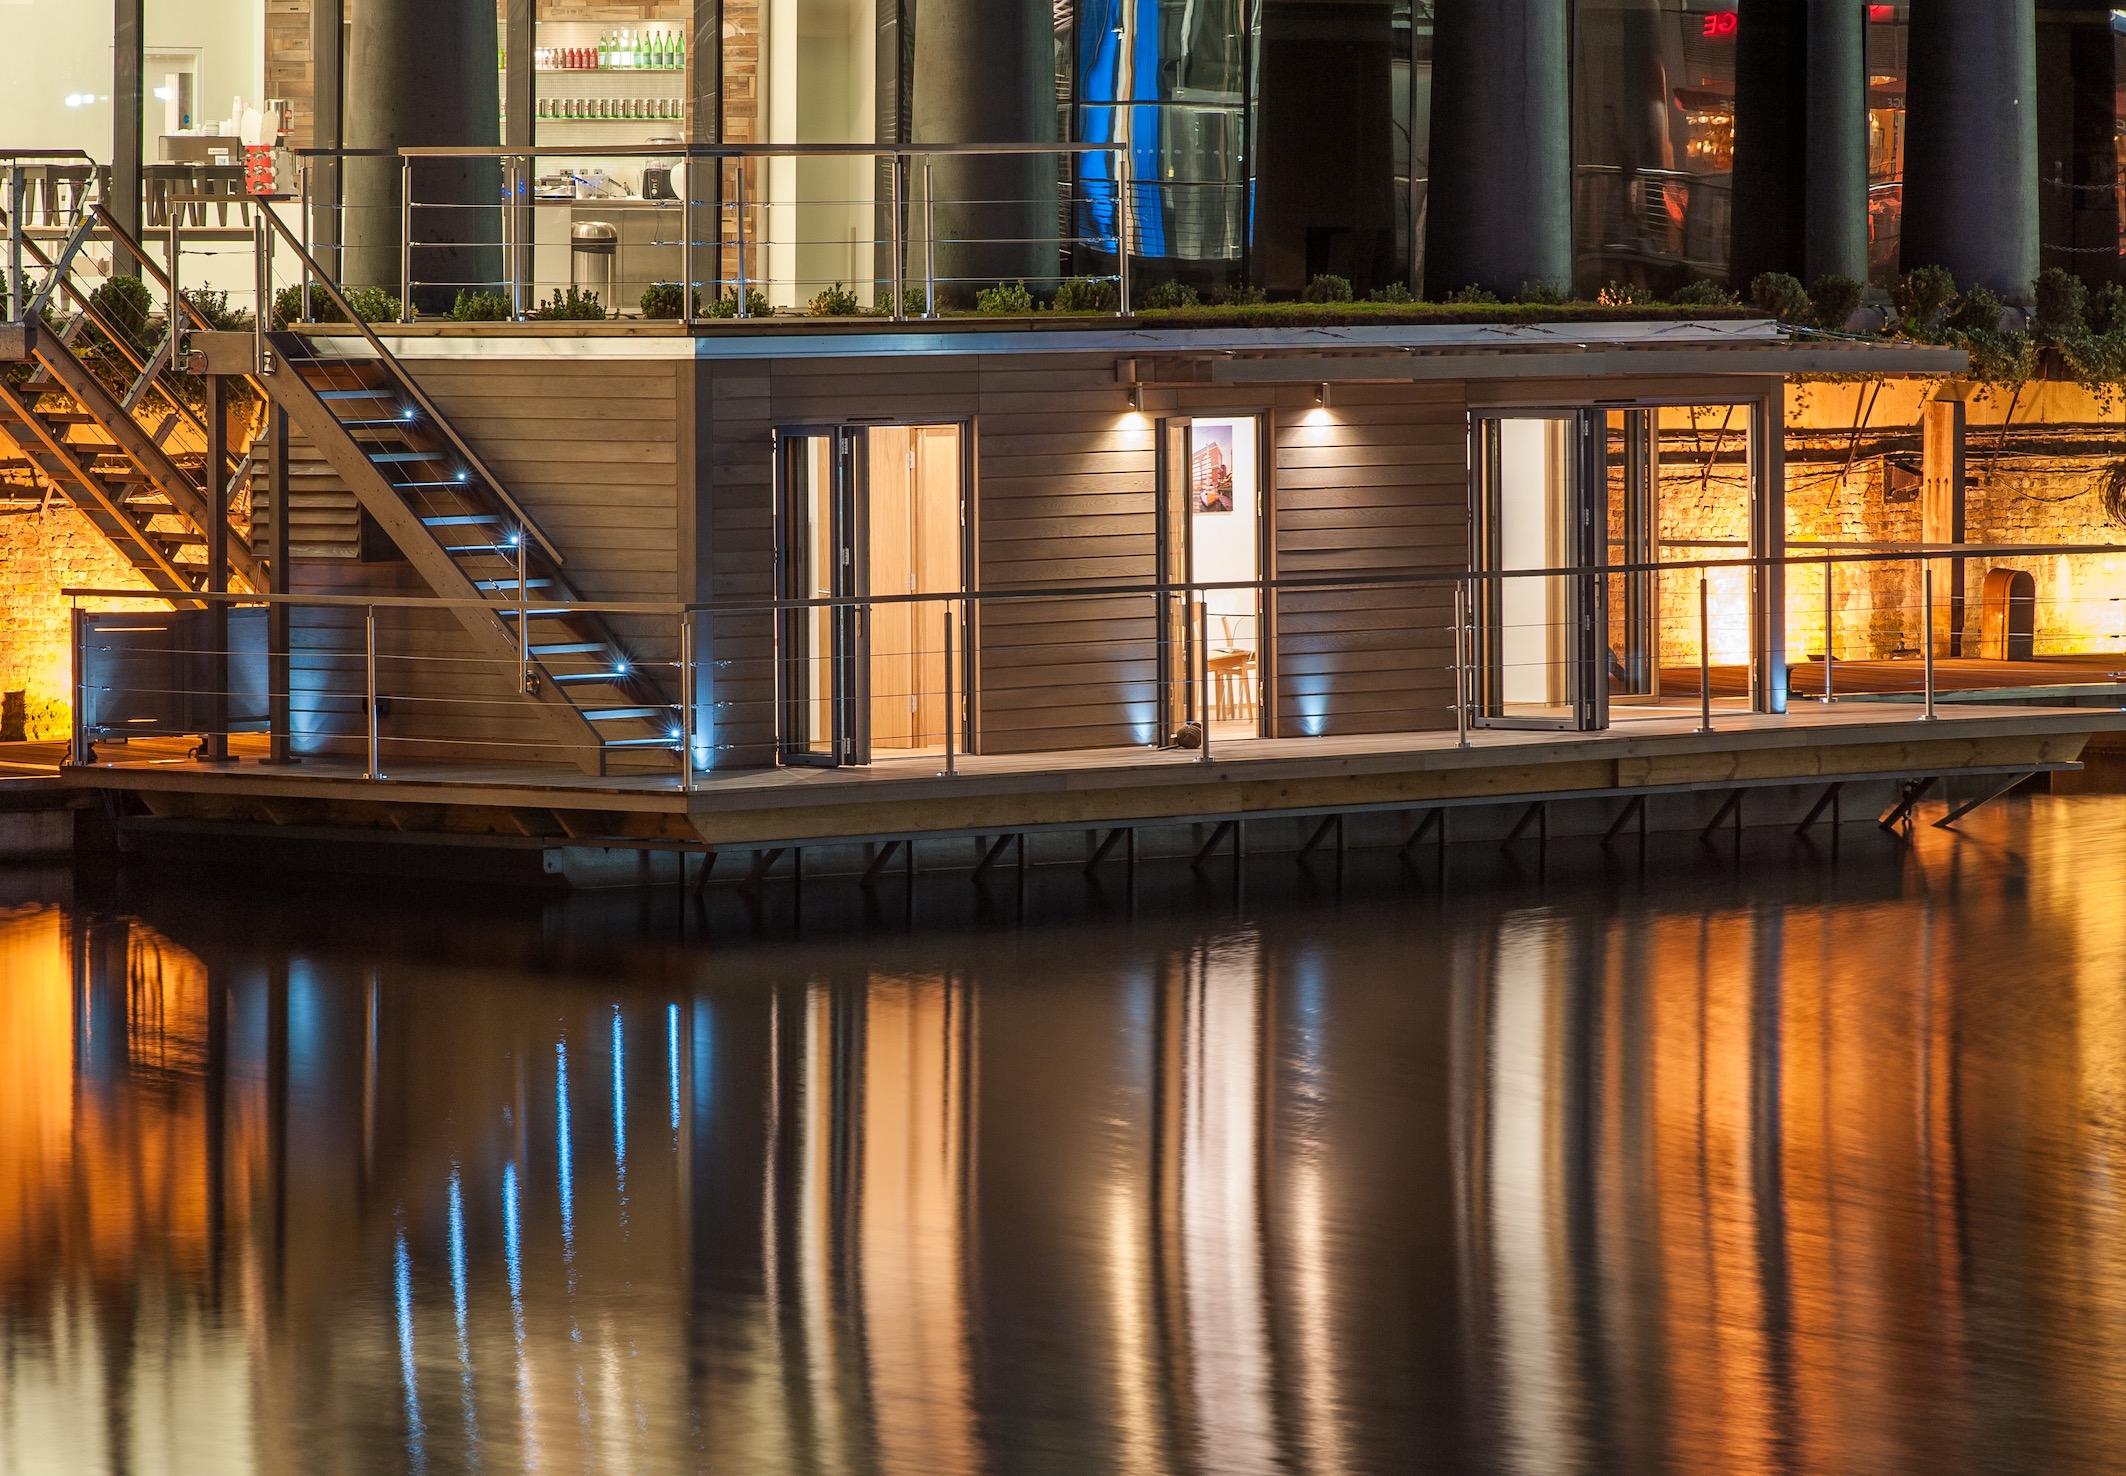 St Katharine Docks Creative hub at night